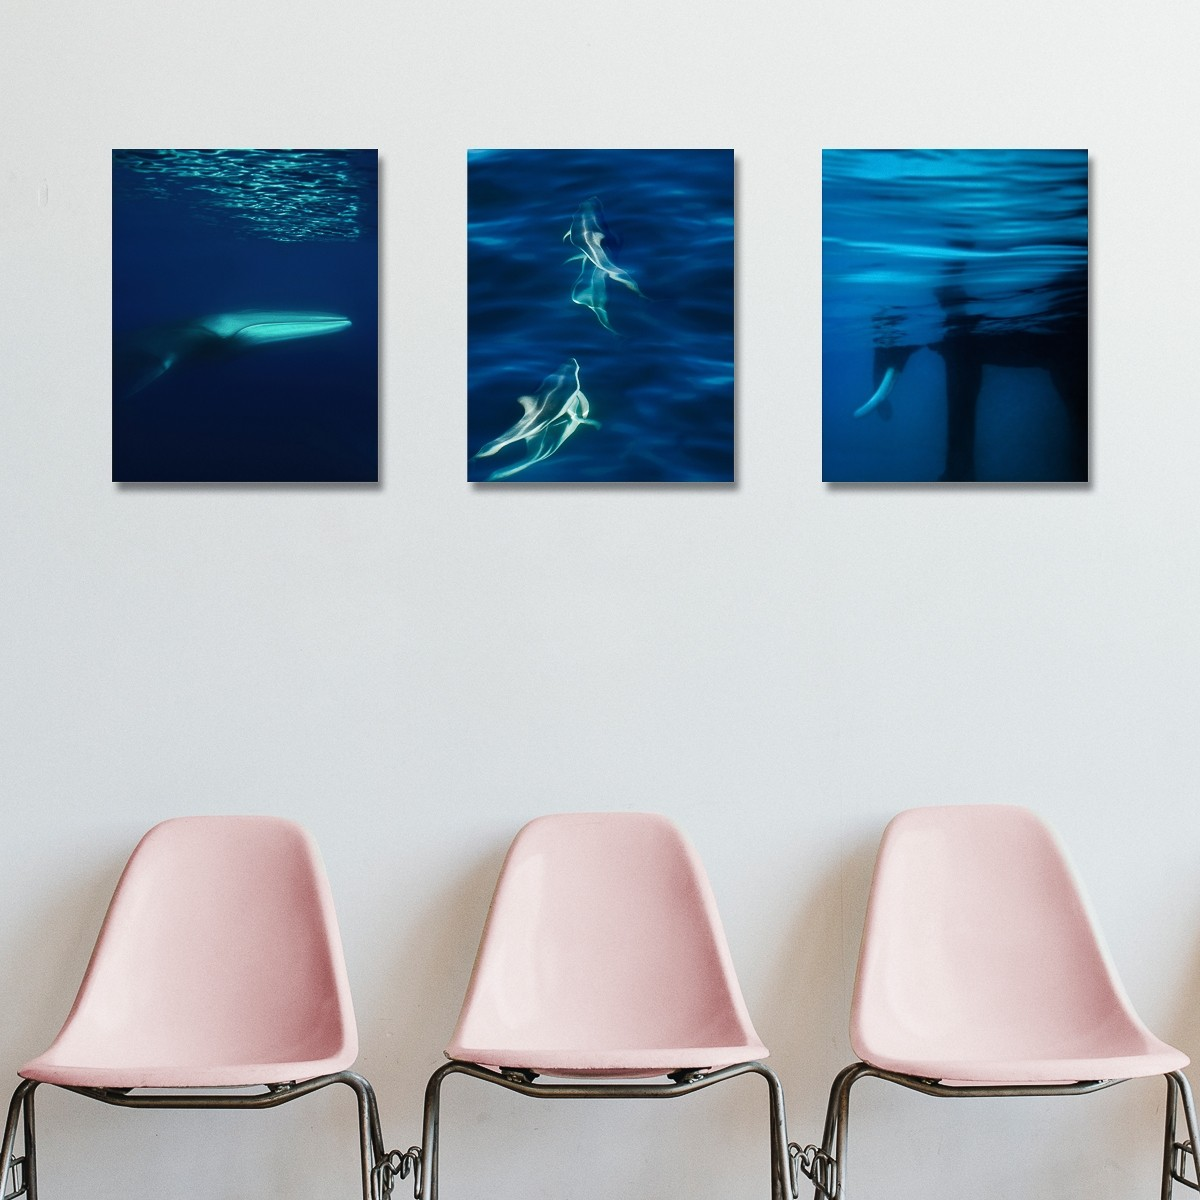 Oceans 1 - 3 | Fotografiecollage von Finkbeiner & Salm, Direktdruck auf Alu-Dibond, limitierte Edition 50+2